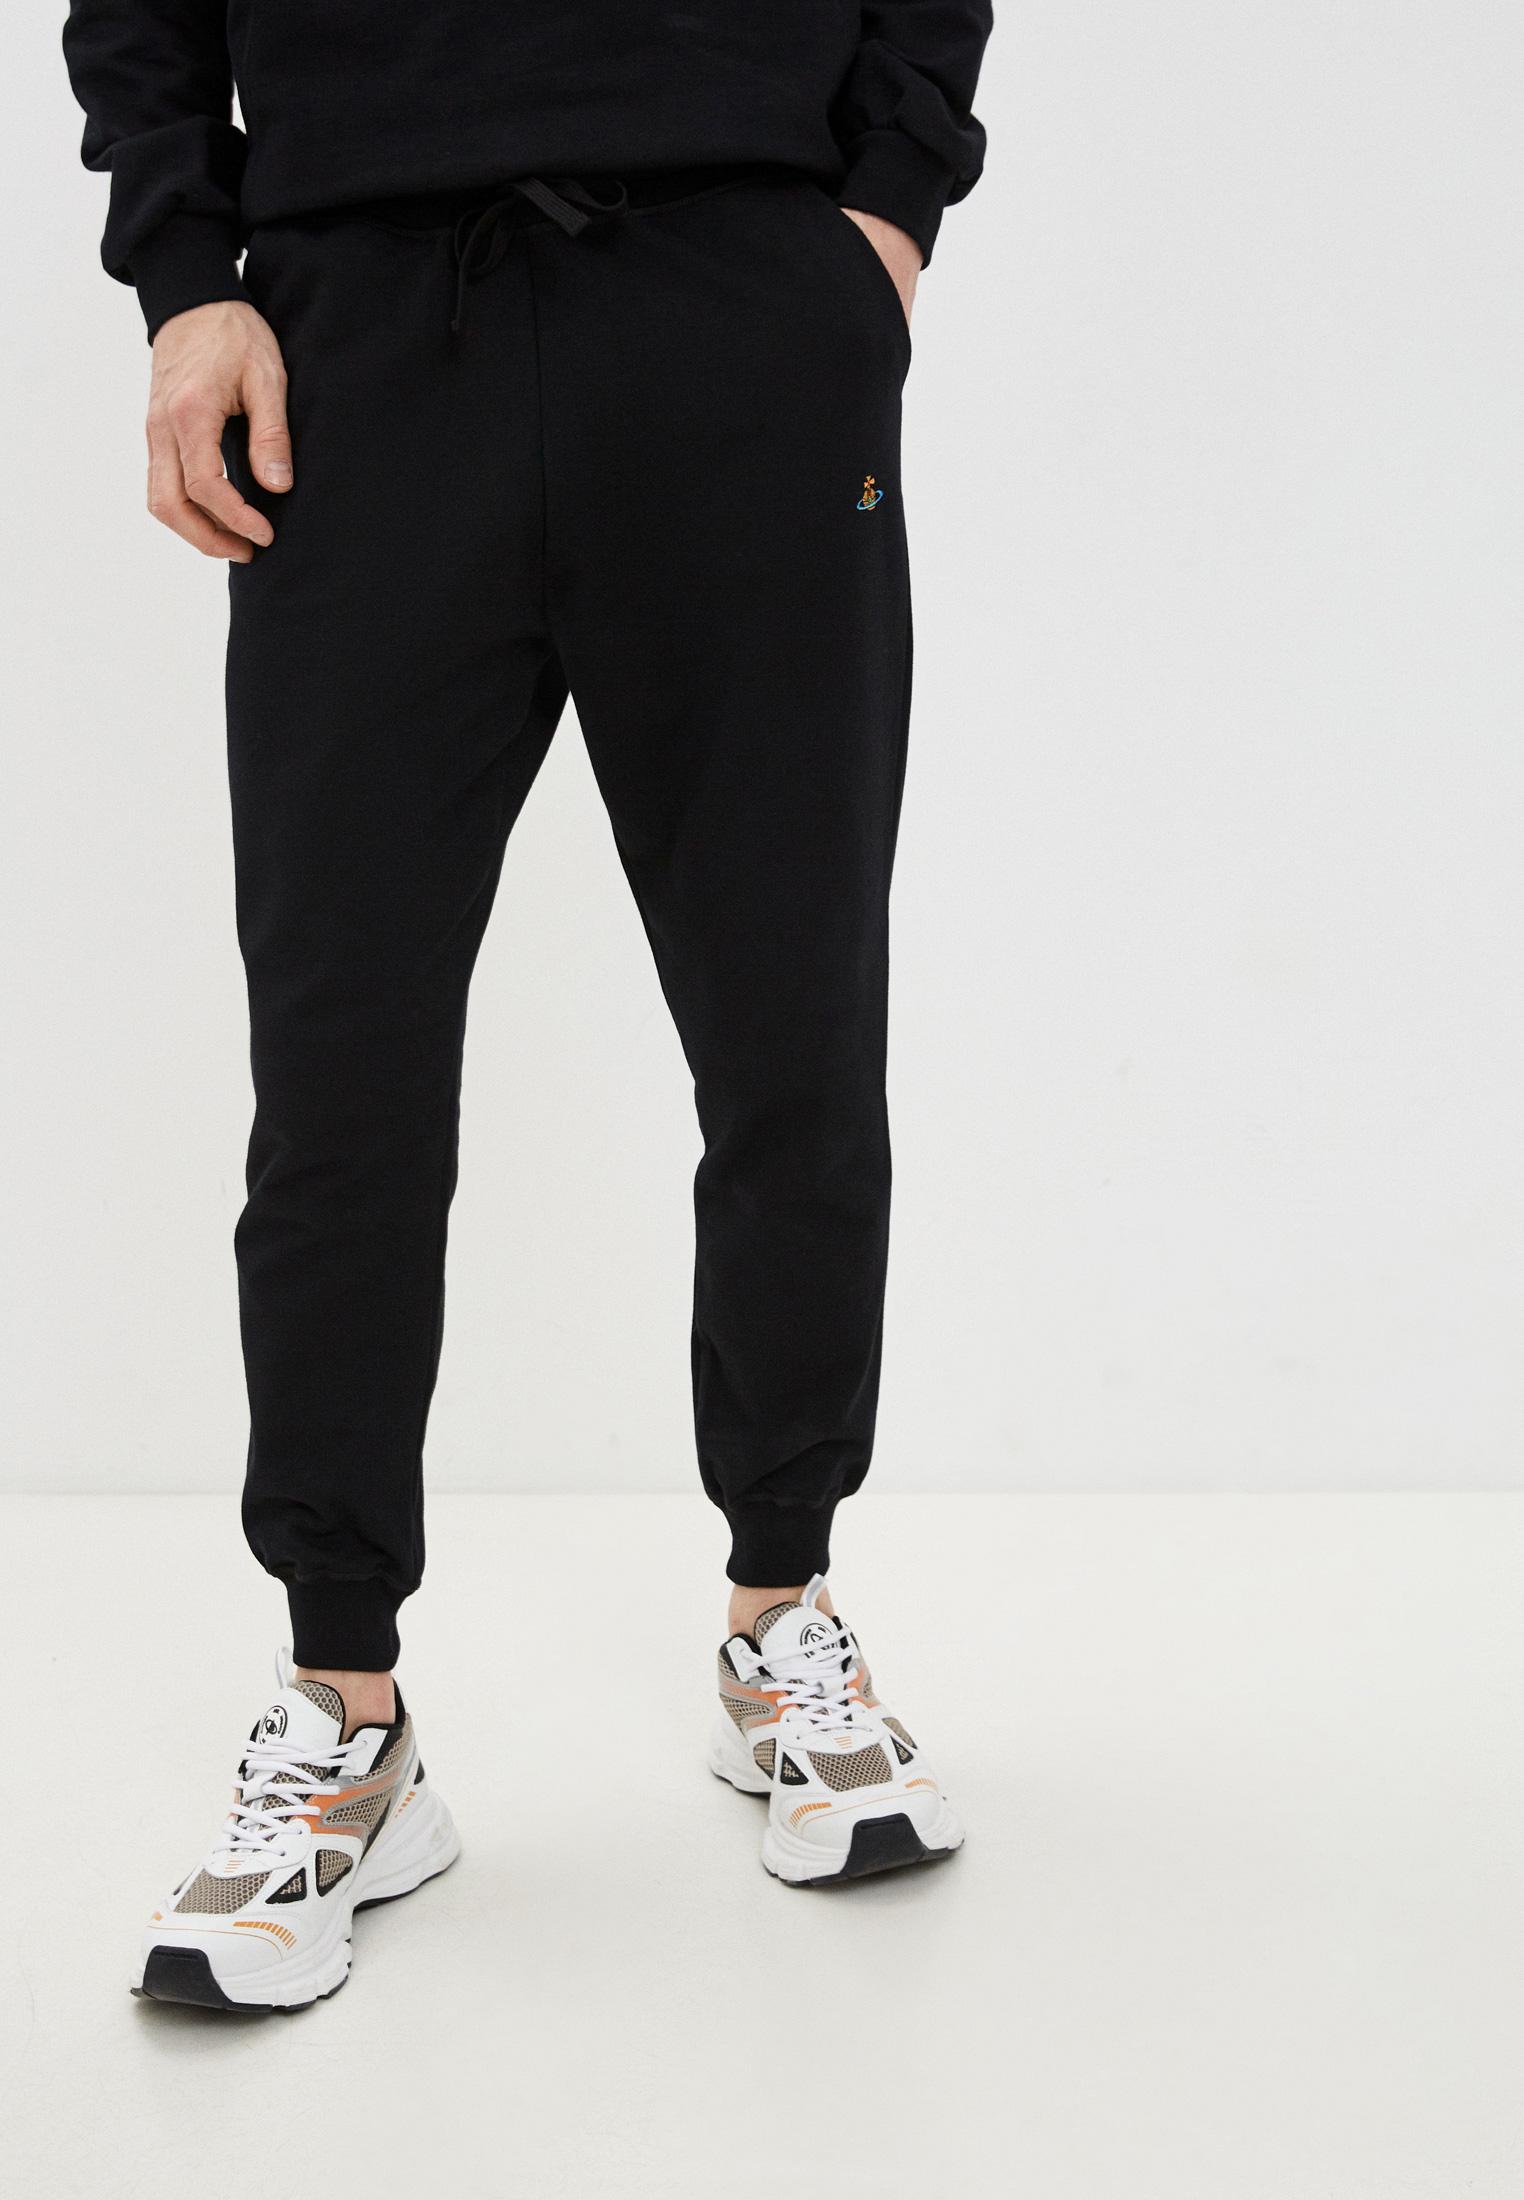 Мужские спортивные брюки Vivienne Westwood 36020010-21692-